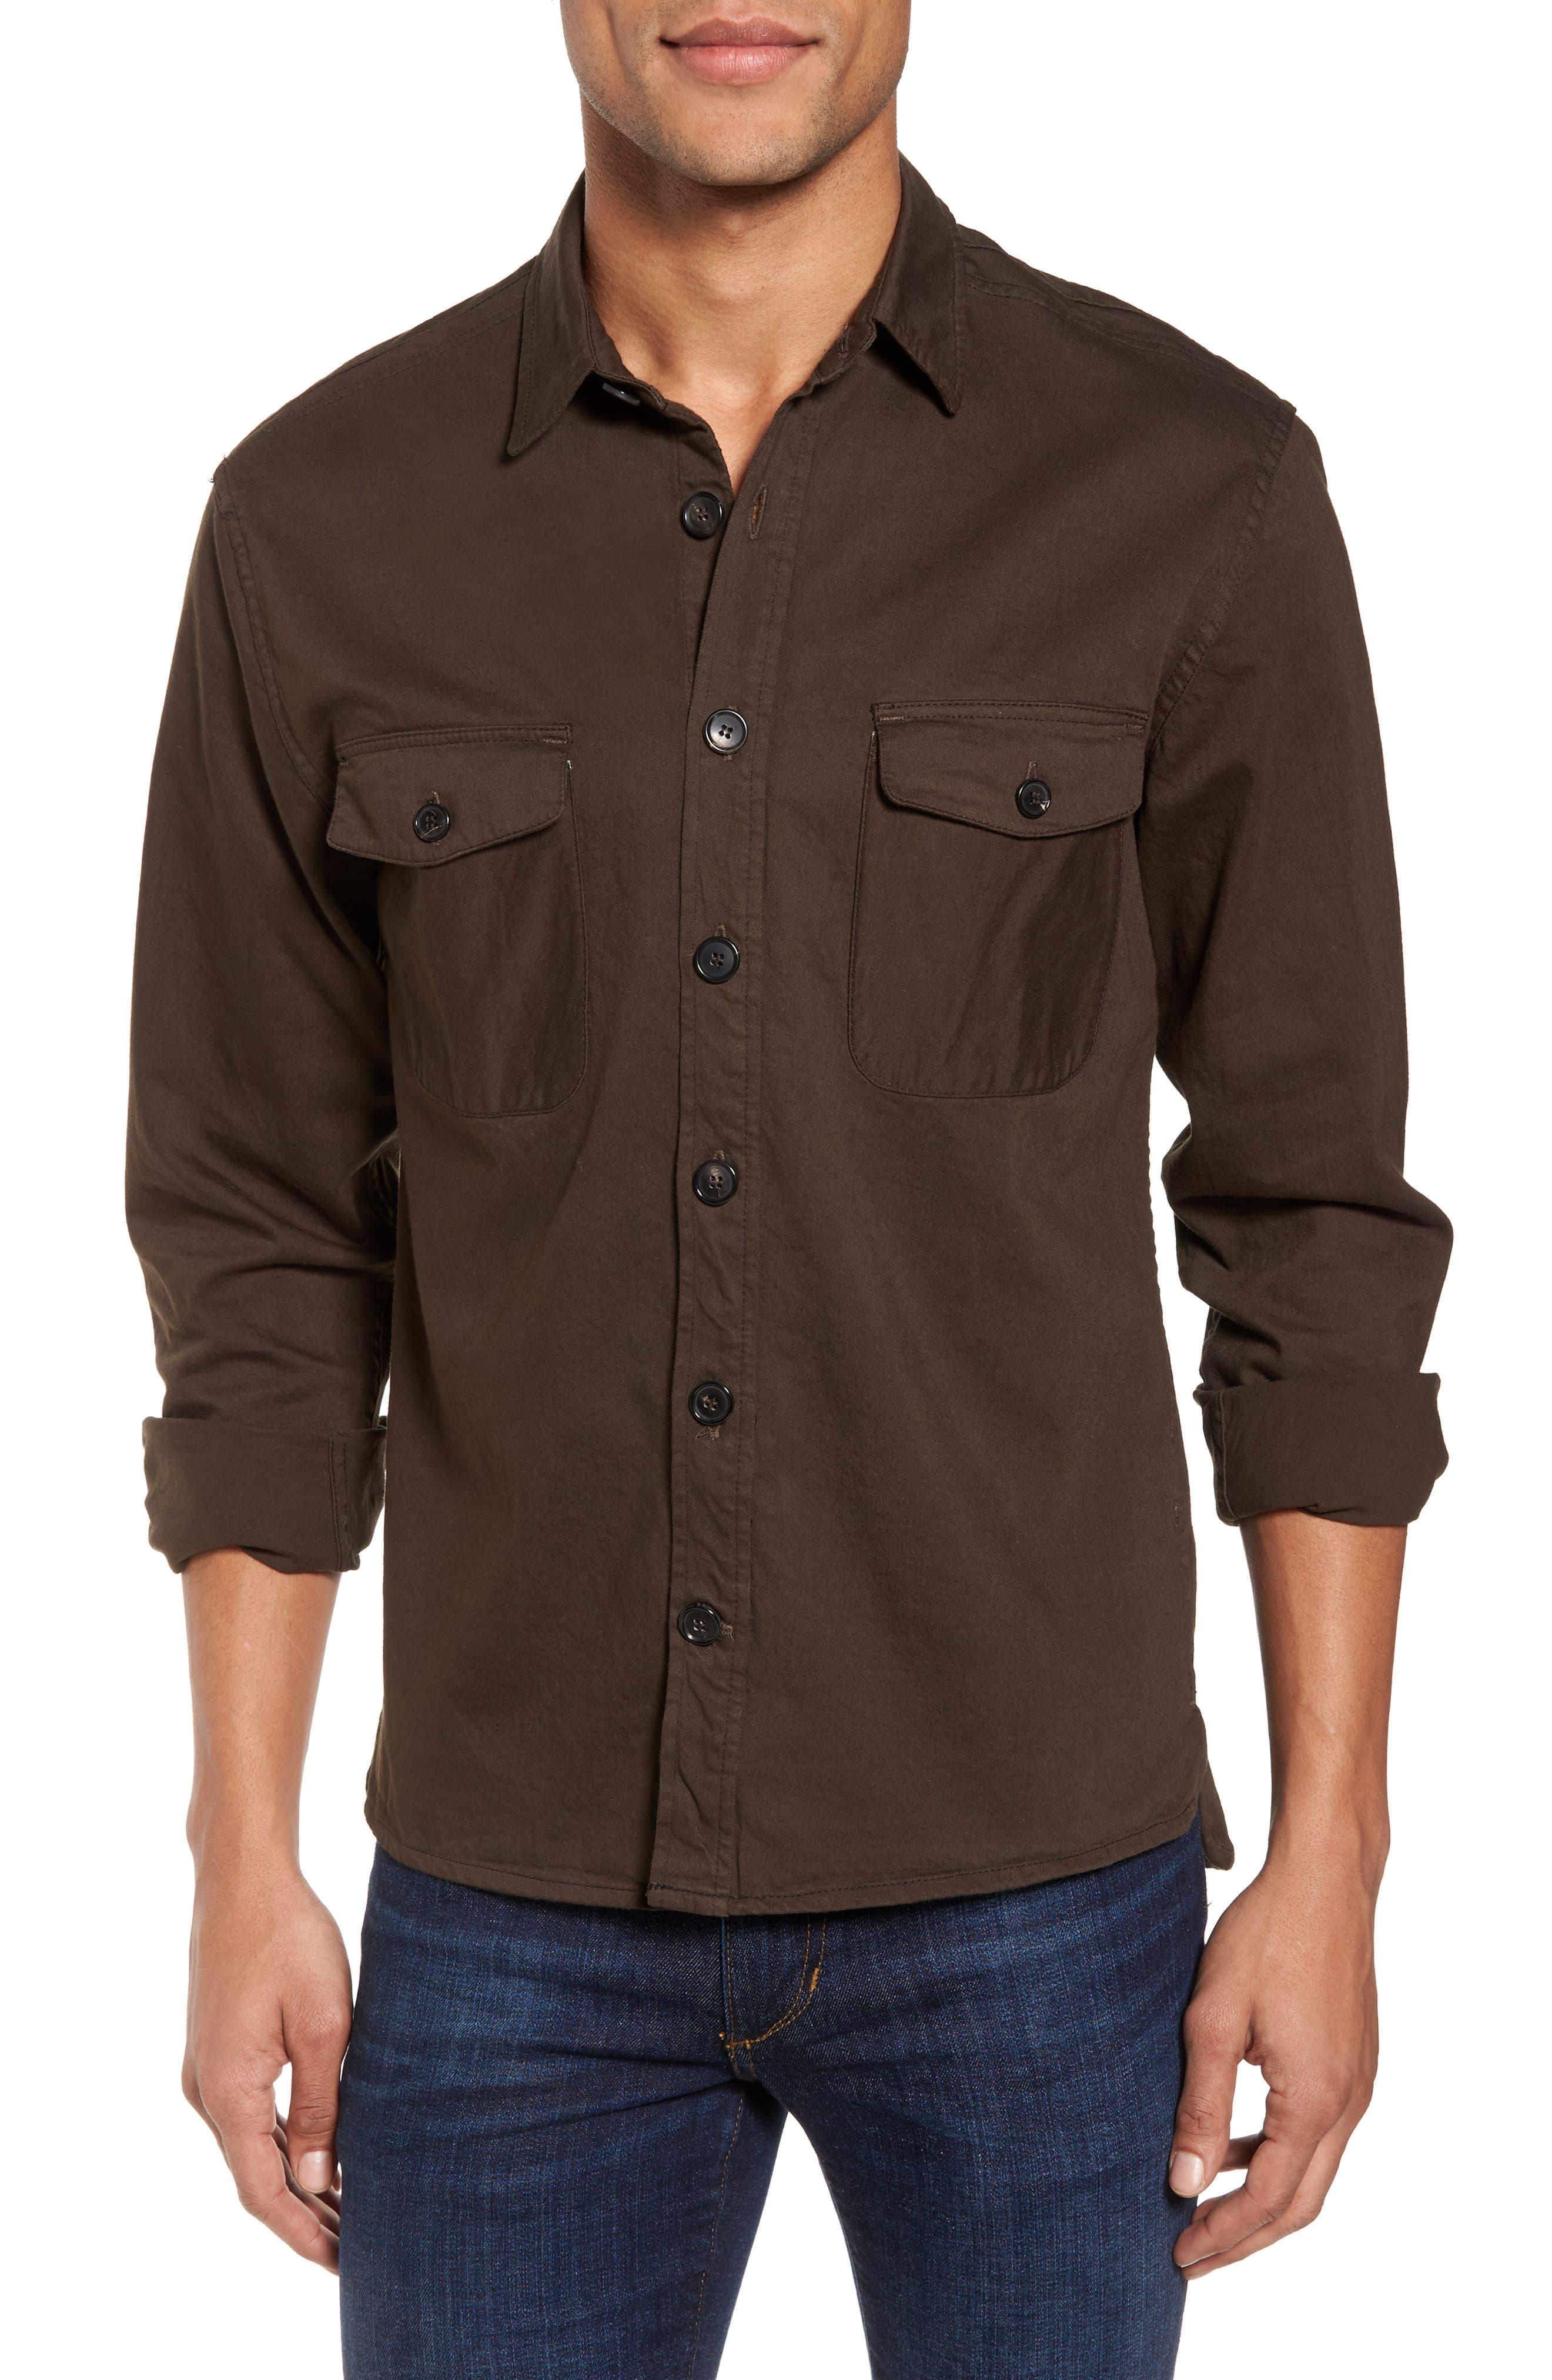 Alternate Image 1 Selected - Billy Reid Selvedge Denim Sport Shirt